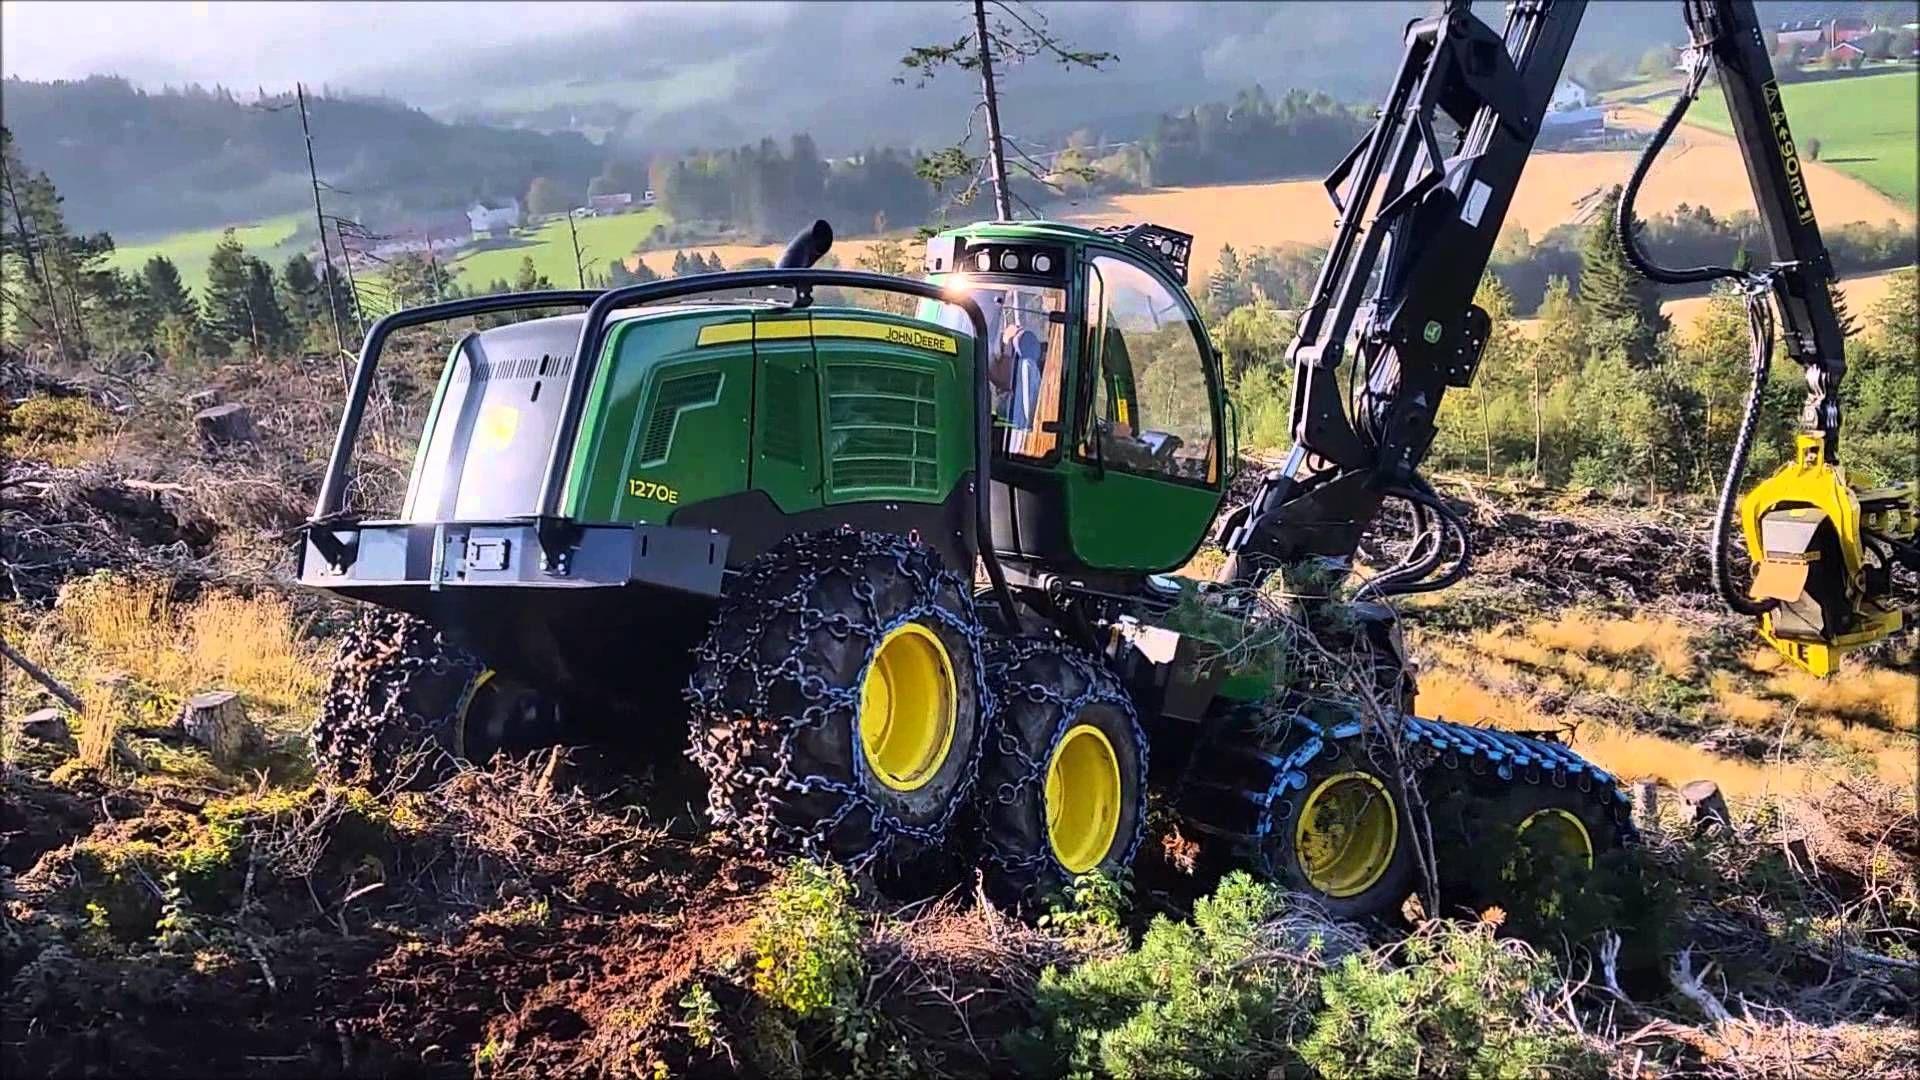 John Deere 1270E forestry harvester   Forest machinery